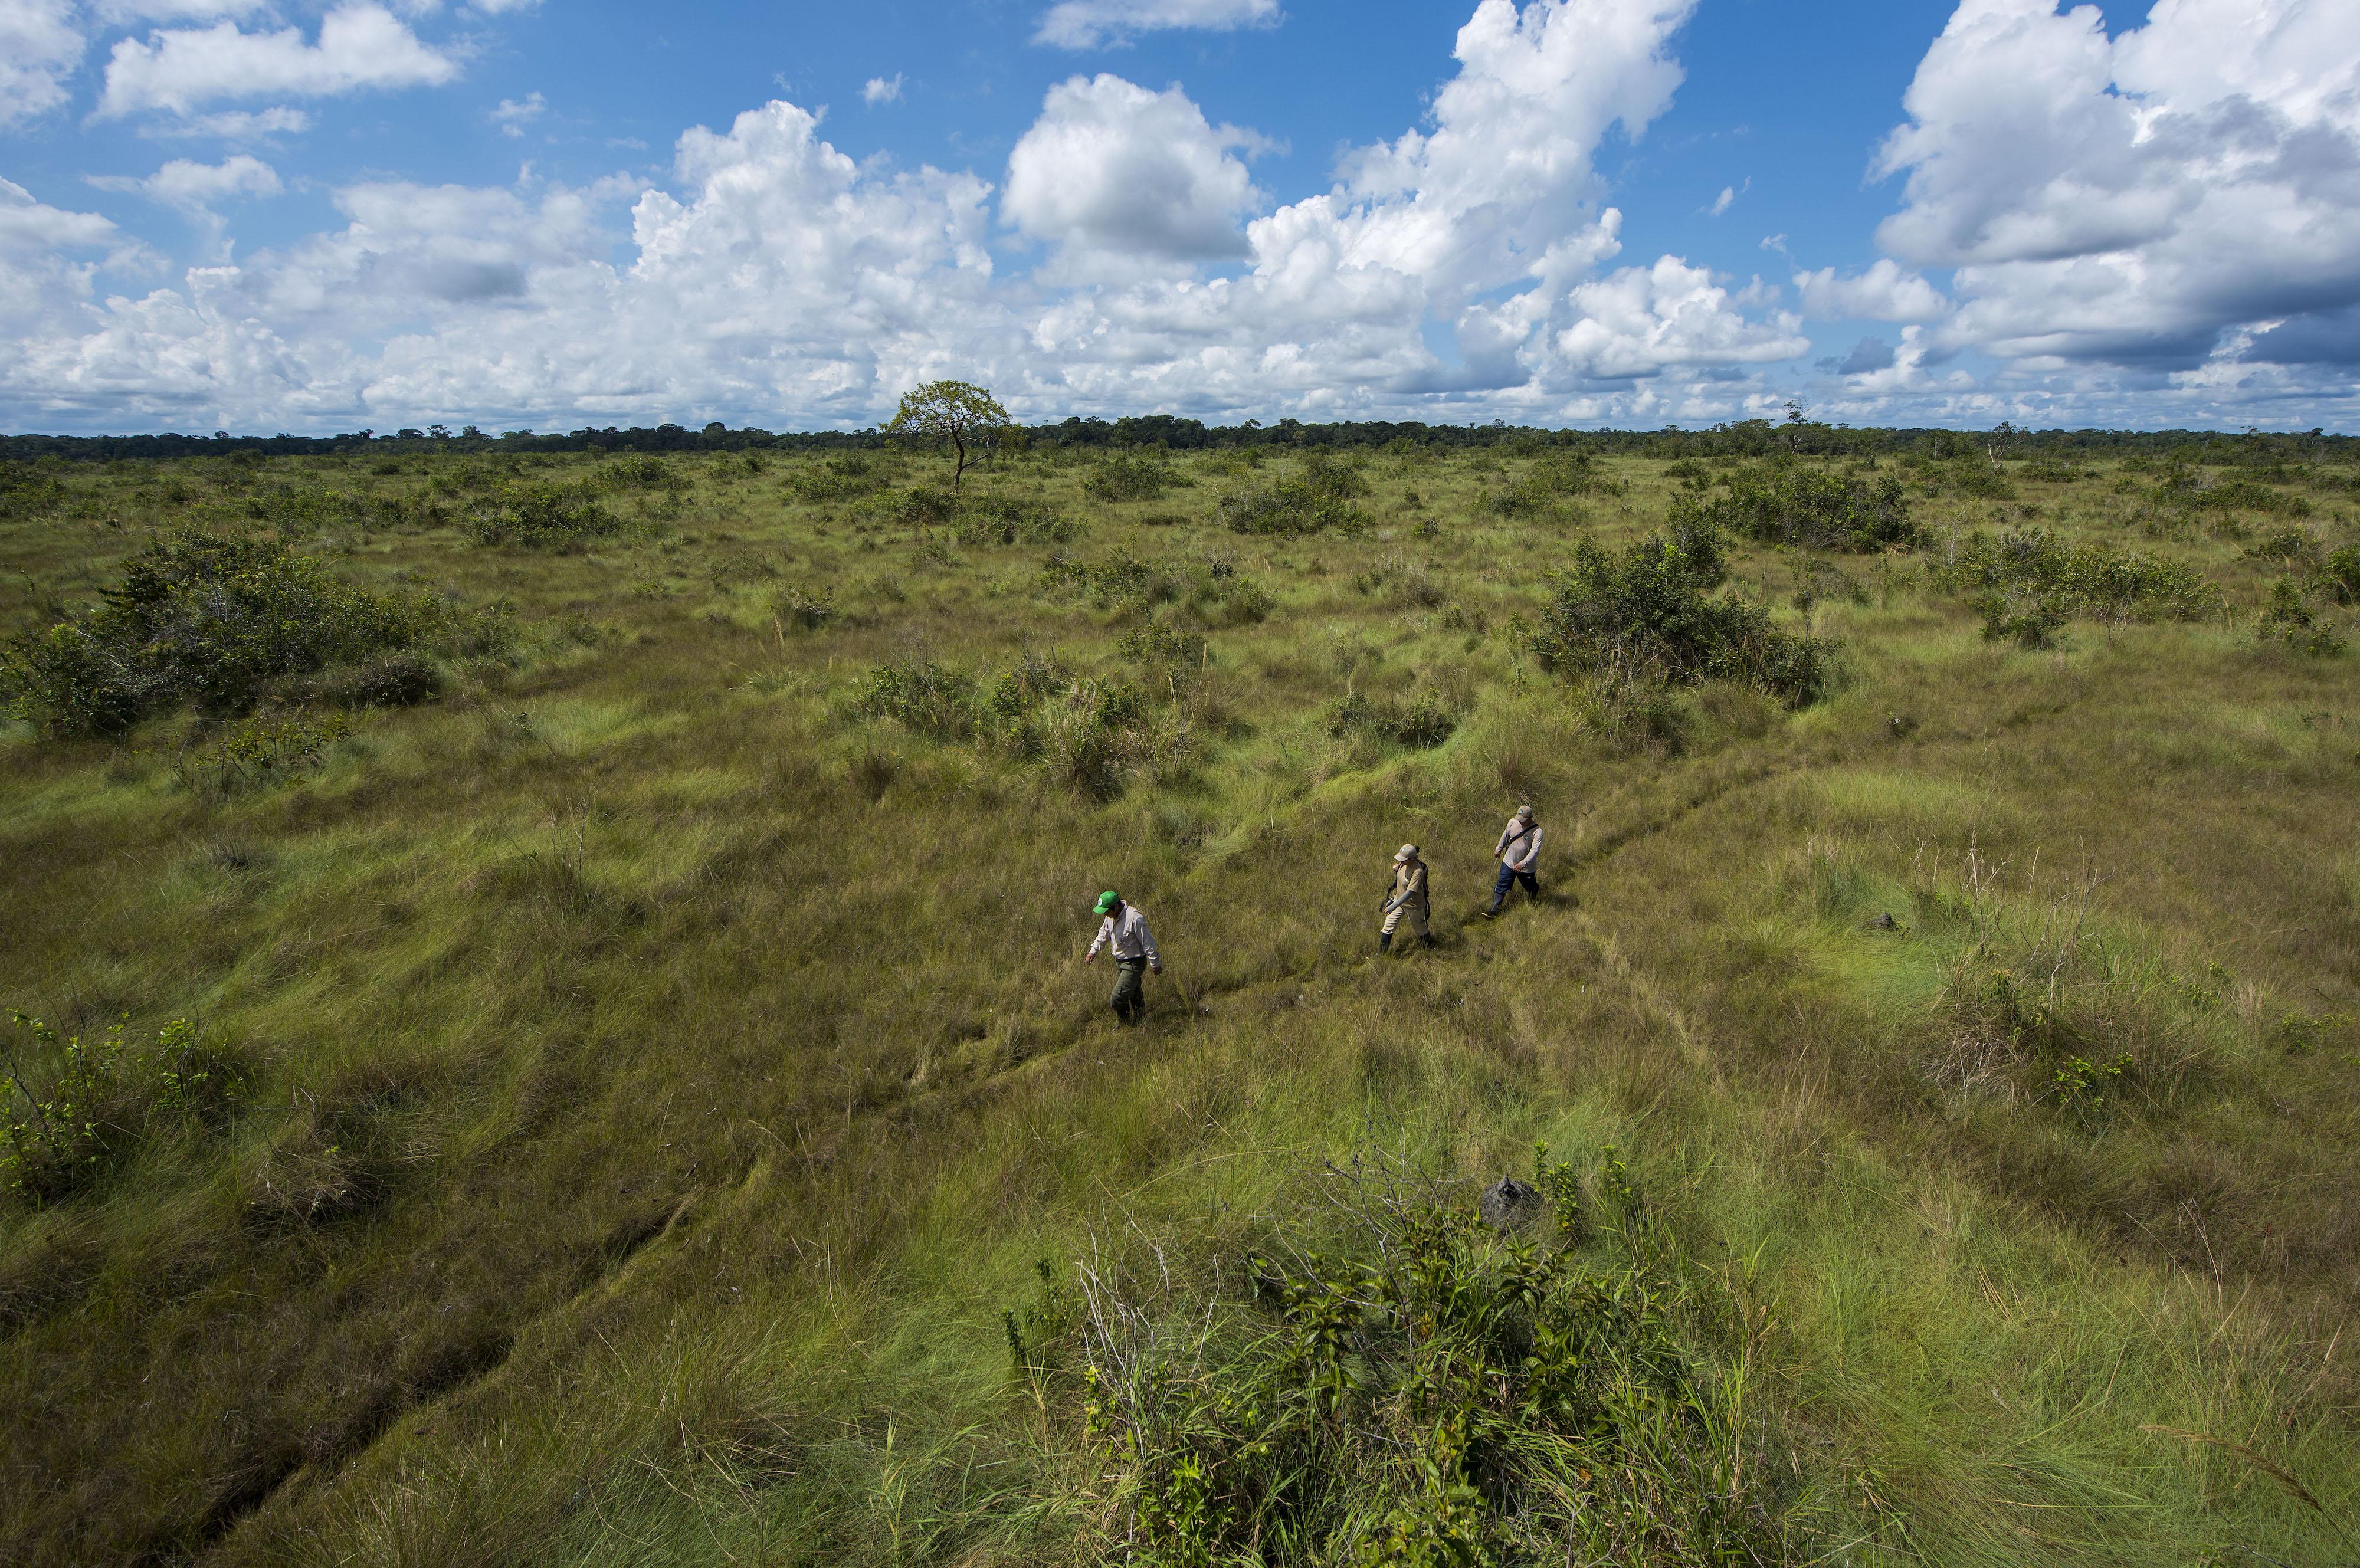 Un equipo de monitoreo recorre las Pampas del Heath en el Parque Nacional Bahuaja Sonene. Foto: © Daniel Rosengren / FZS Perú.